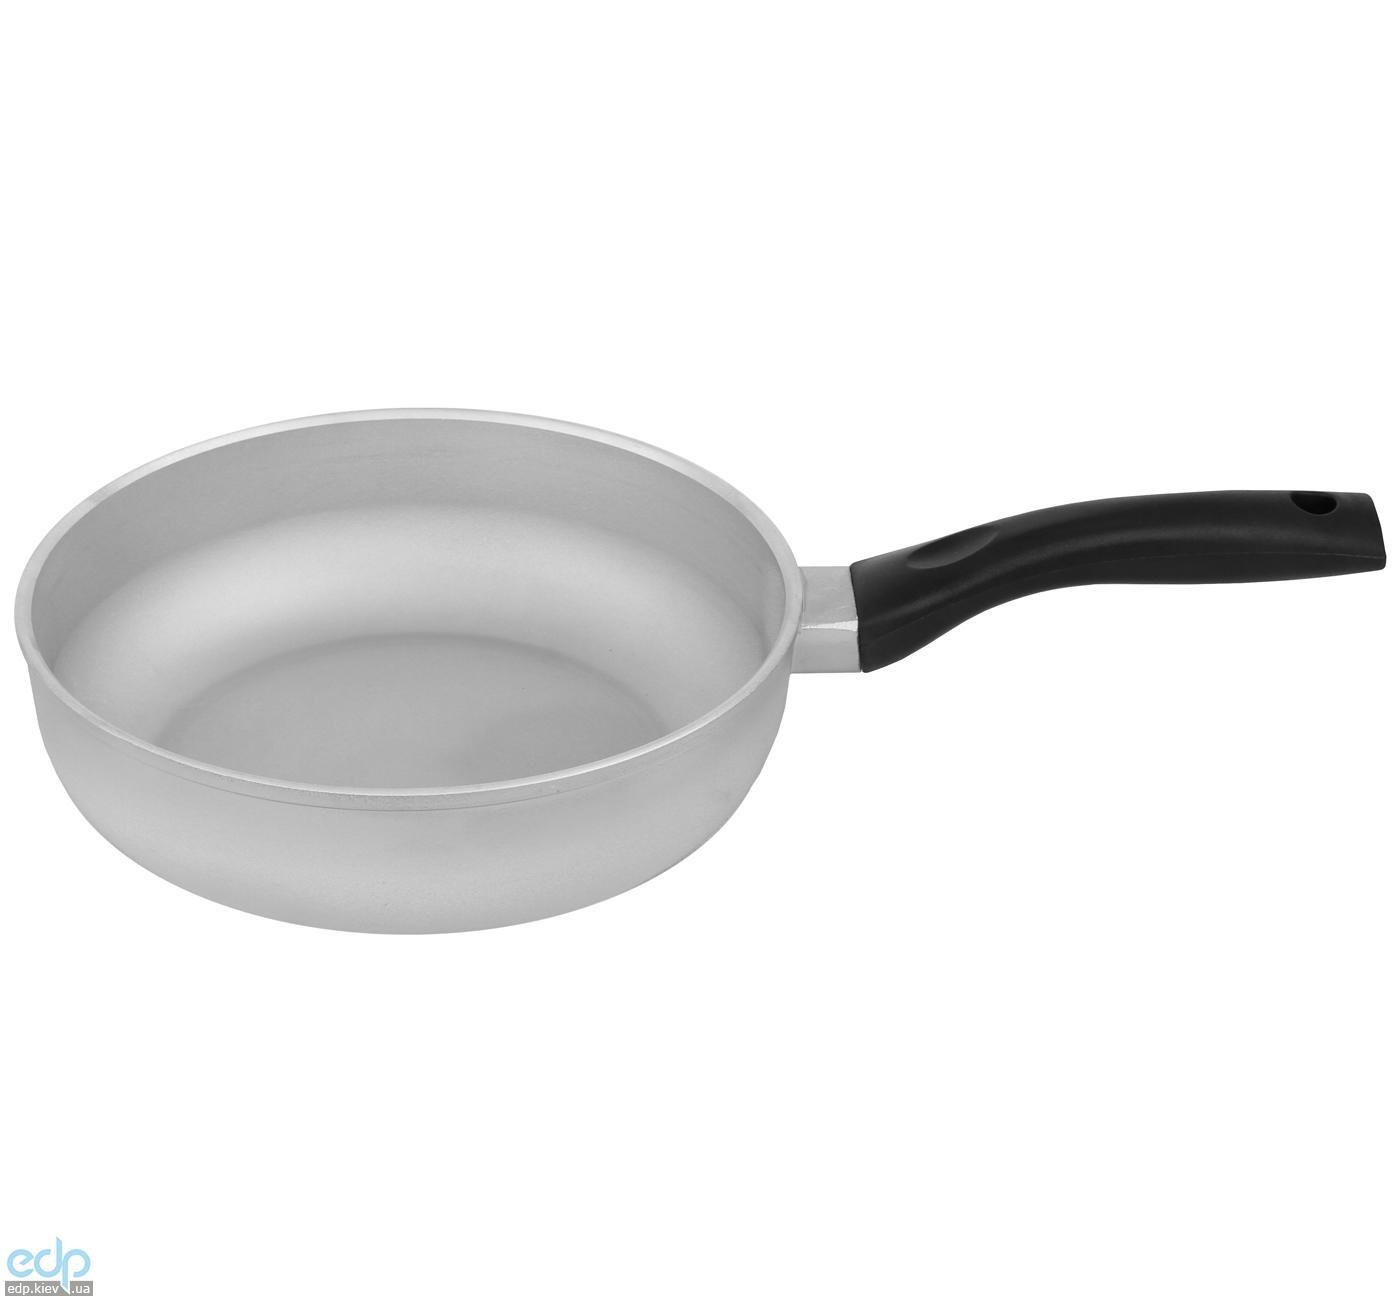 Биол - Сковородка с утолщенным дном без крышки диаметр 26 см (2609)